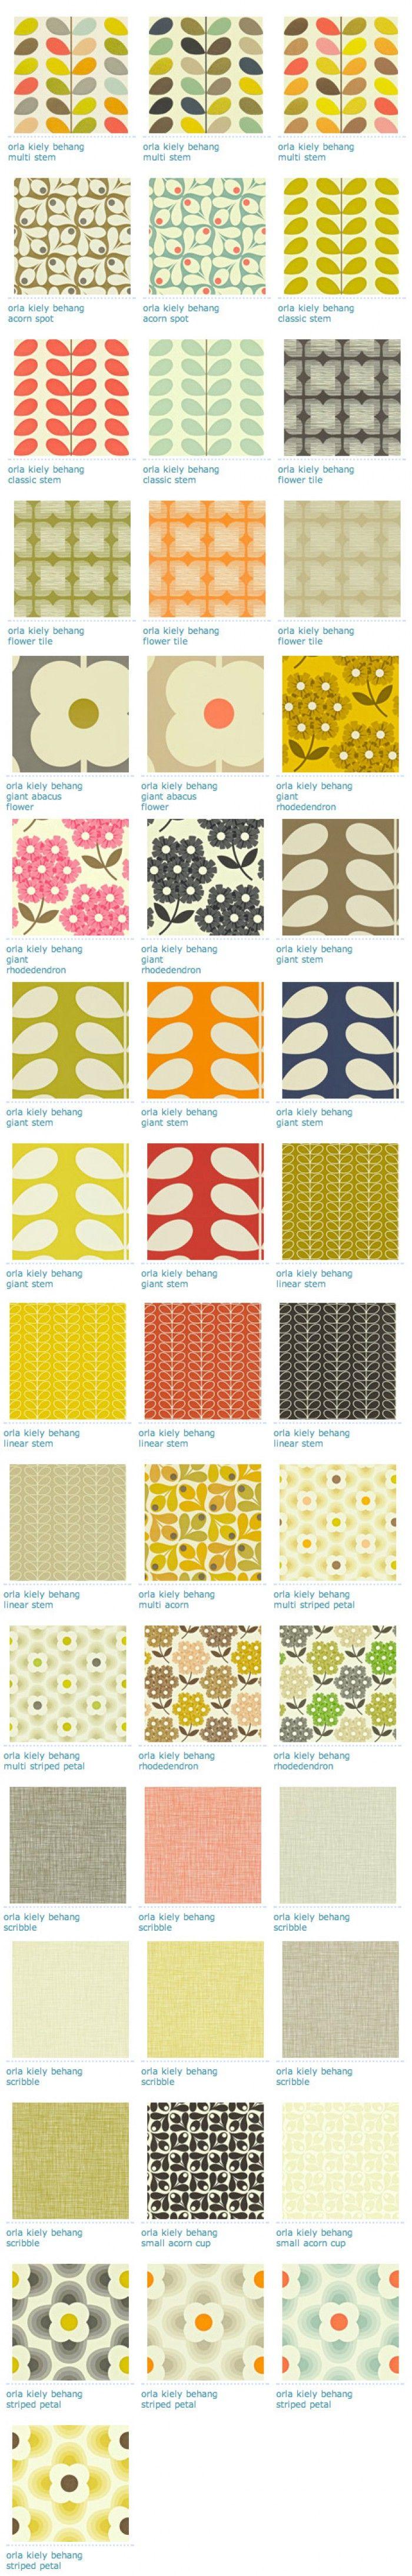 les 16 meilleures images du tableau papier peint sur pinterest peindre les ann es 70 et le papier. Black Bedroom Furniture Sets. Home Design Ideas